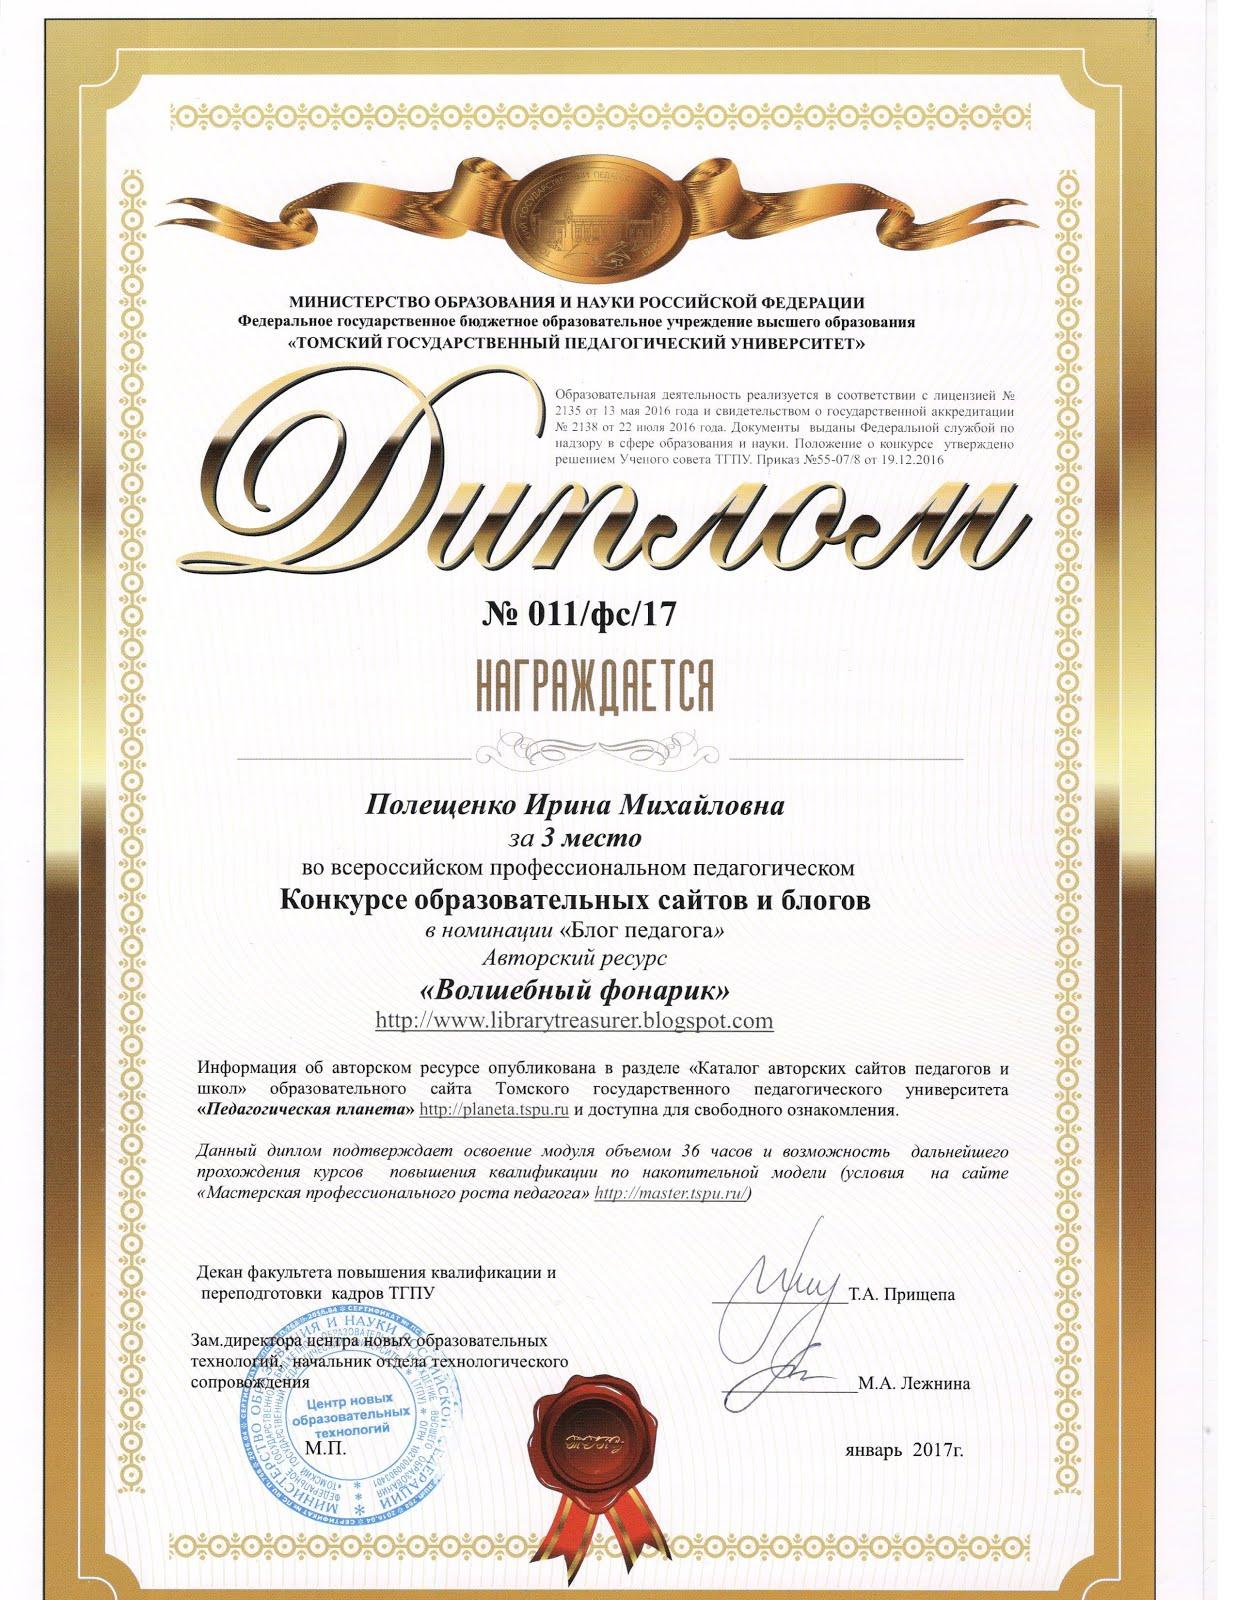 ВСЕРОССИЙСКИЙ КОНКУРС ОБРАЗОВАТЕЛЬНЫХ САЙТОВ И БЛОГОВ-2017